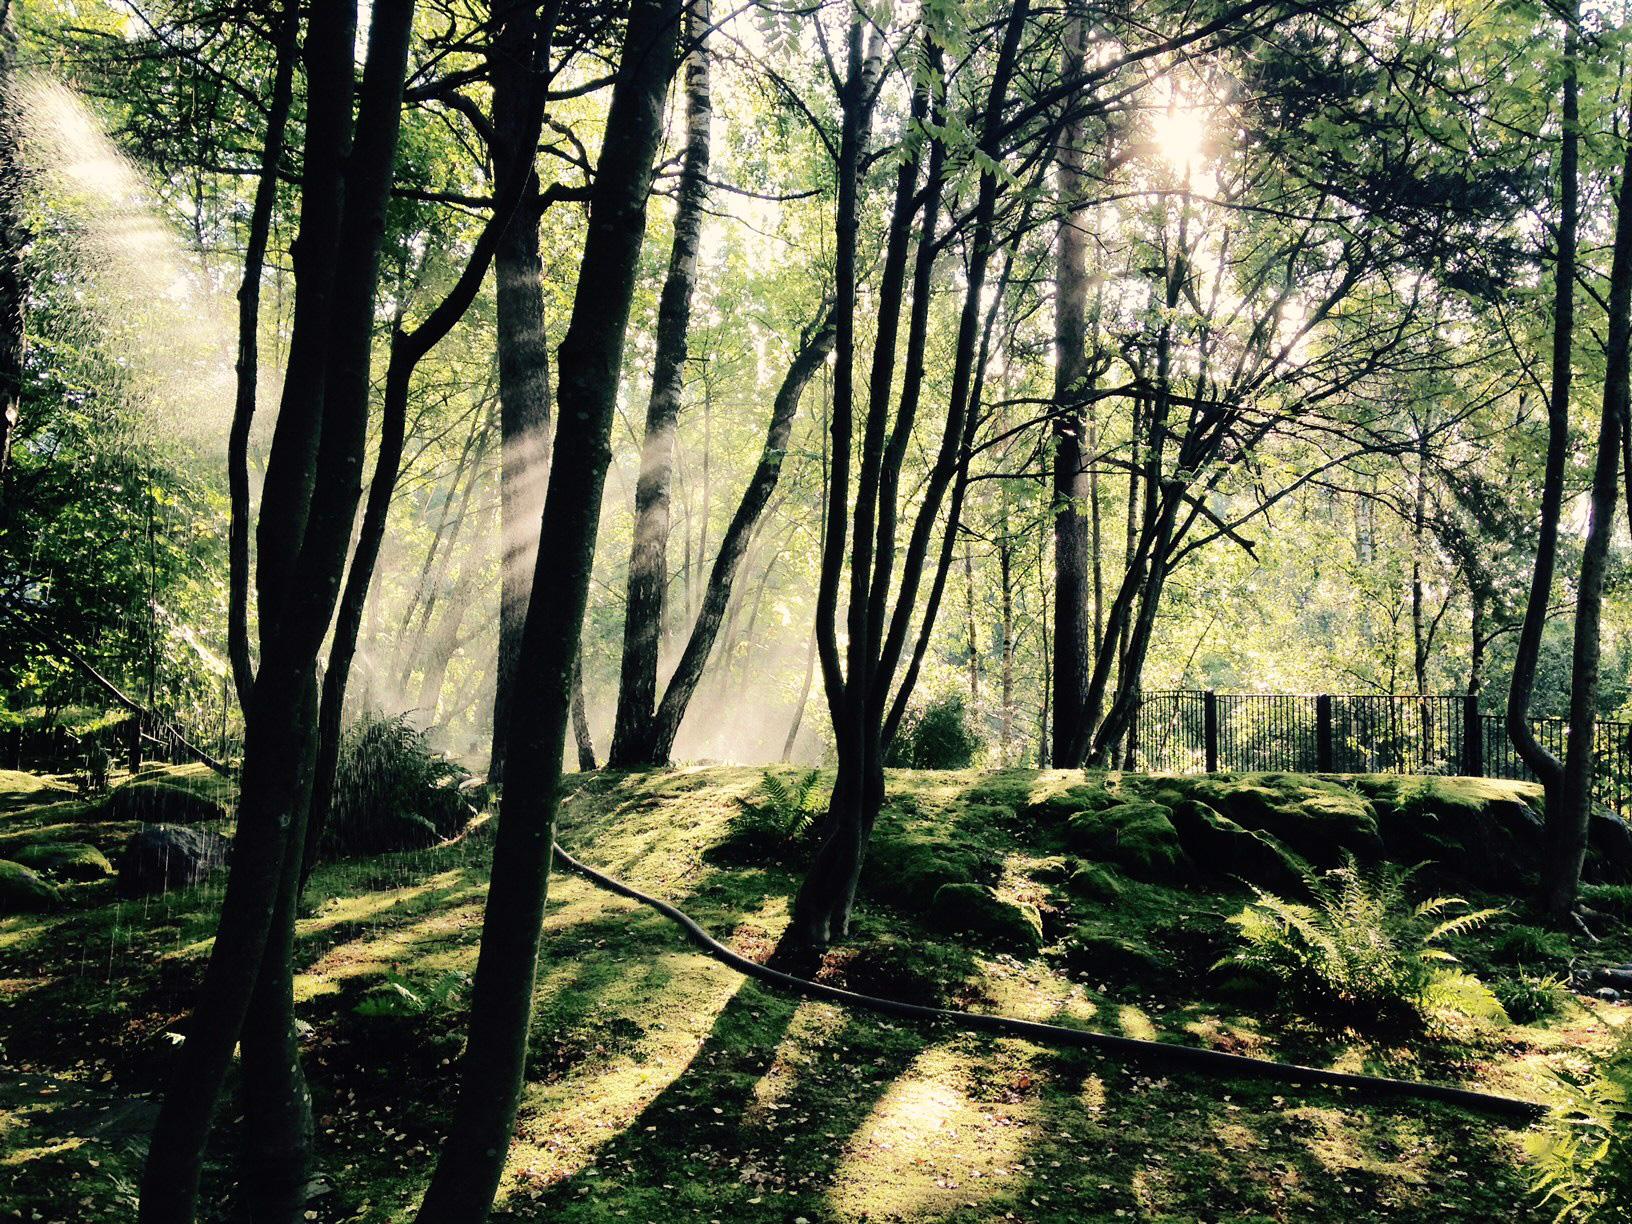 Roihuvuoren japanilaistyylinen puutarha Helsingissä oli yksi 100 Puistoa -kampanjan menestyjistä. (Kuva: Satu Karjalainen)